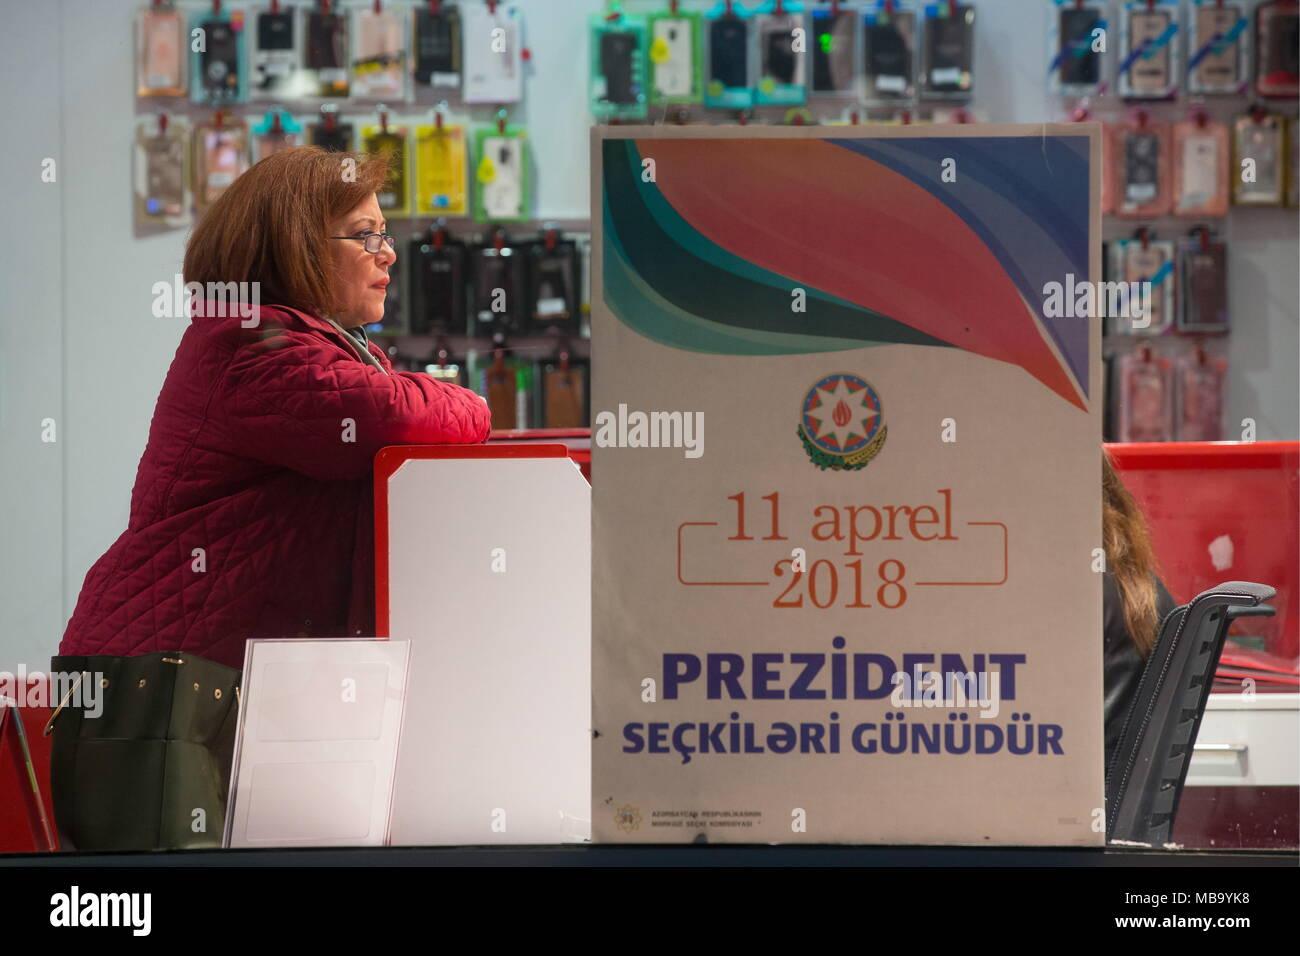 Baku, Aserbaidschan. 08 Apr, 2018. BAKU, Aserbaidschan - April 8, 2018: ein Schild mit einem Nachricht lesen' 11. April ist ein Tag der Präsidentschaftswahl' in einem Schaufenster; Aserbaidschan ist die Präsidentschaftswahlen vom 11. April 2018 zu halten. Yegor Aleyev/TASS Credit: ITAR-TASS News Agentur/Alamy leben Nachrichten Stockbild